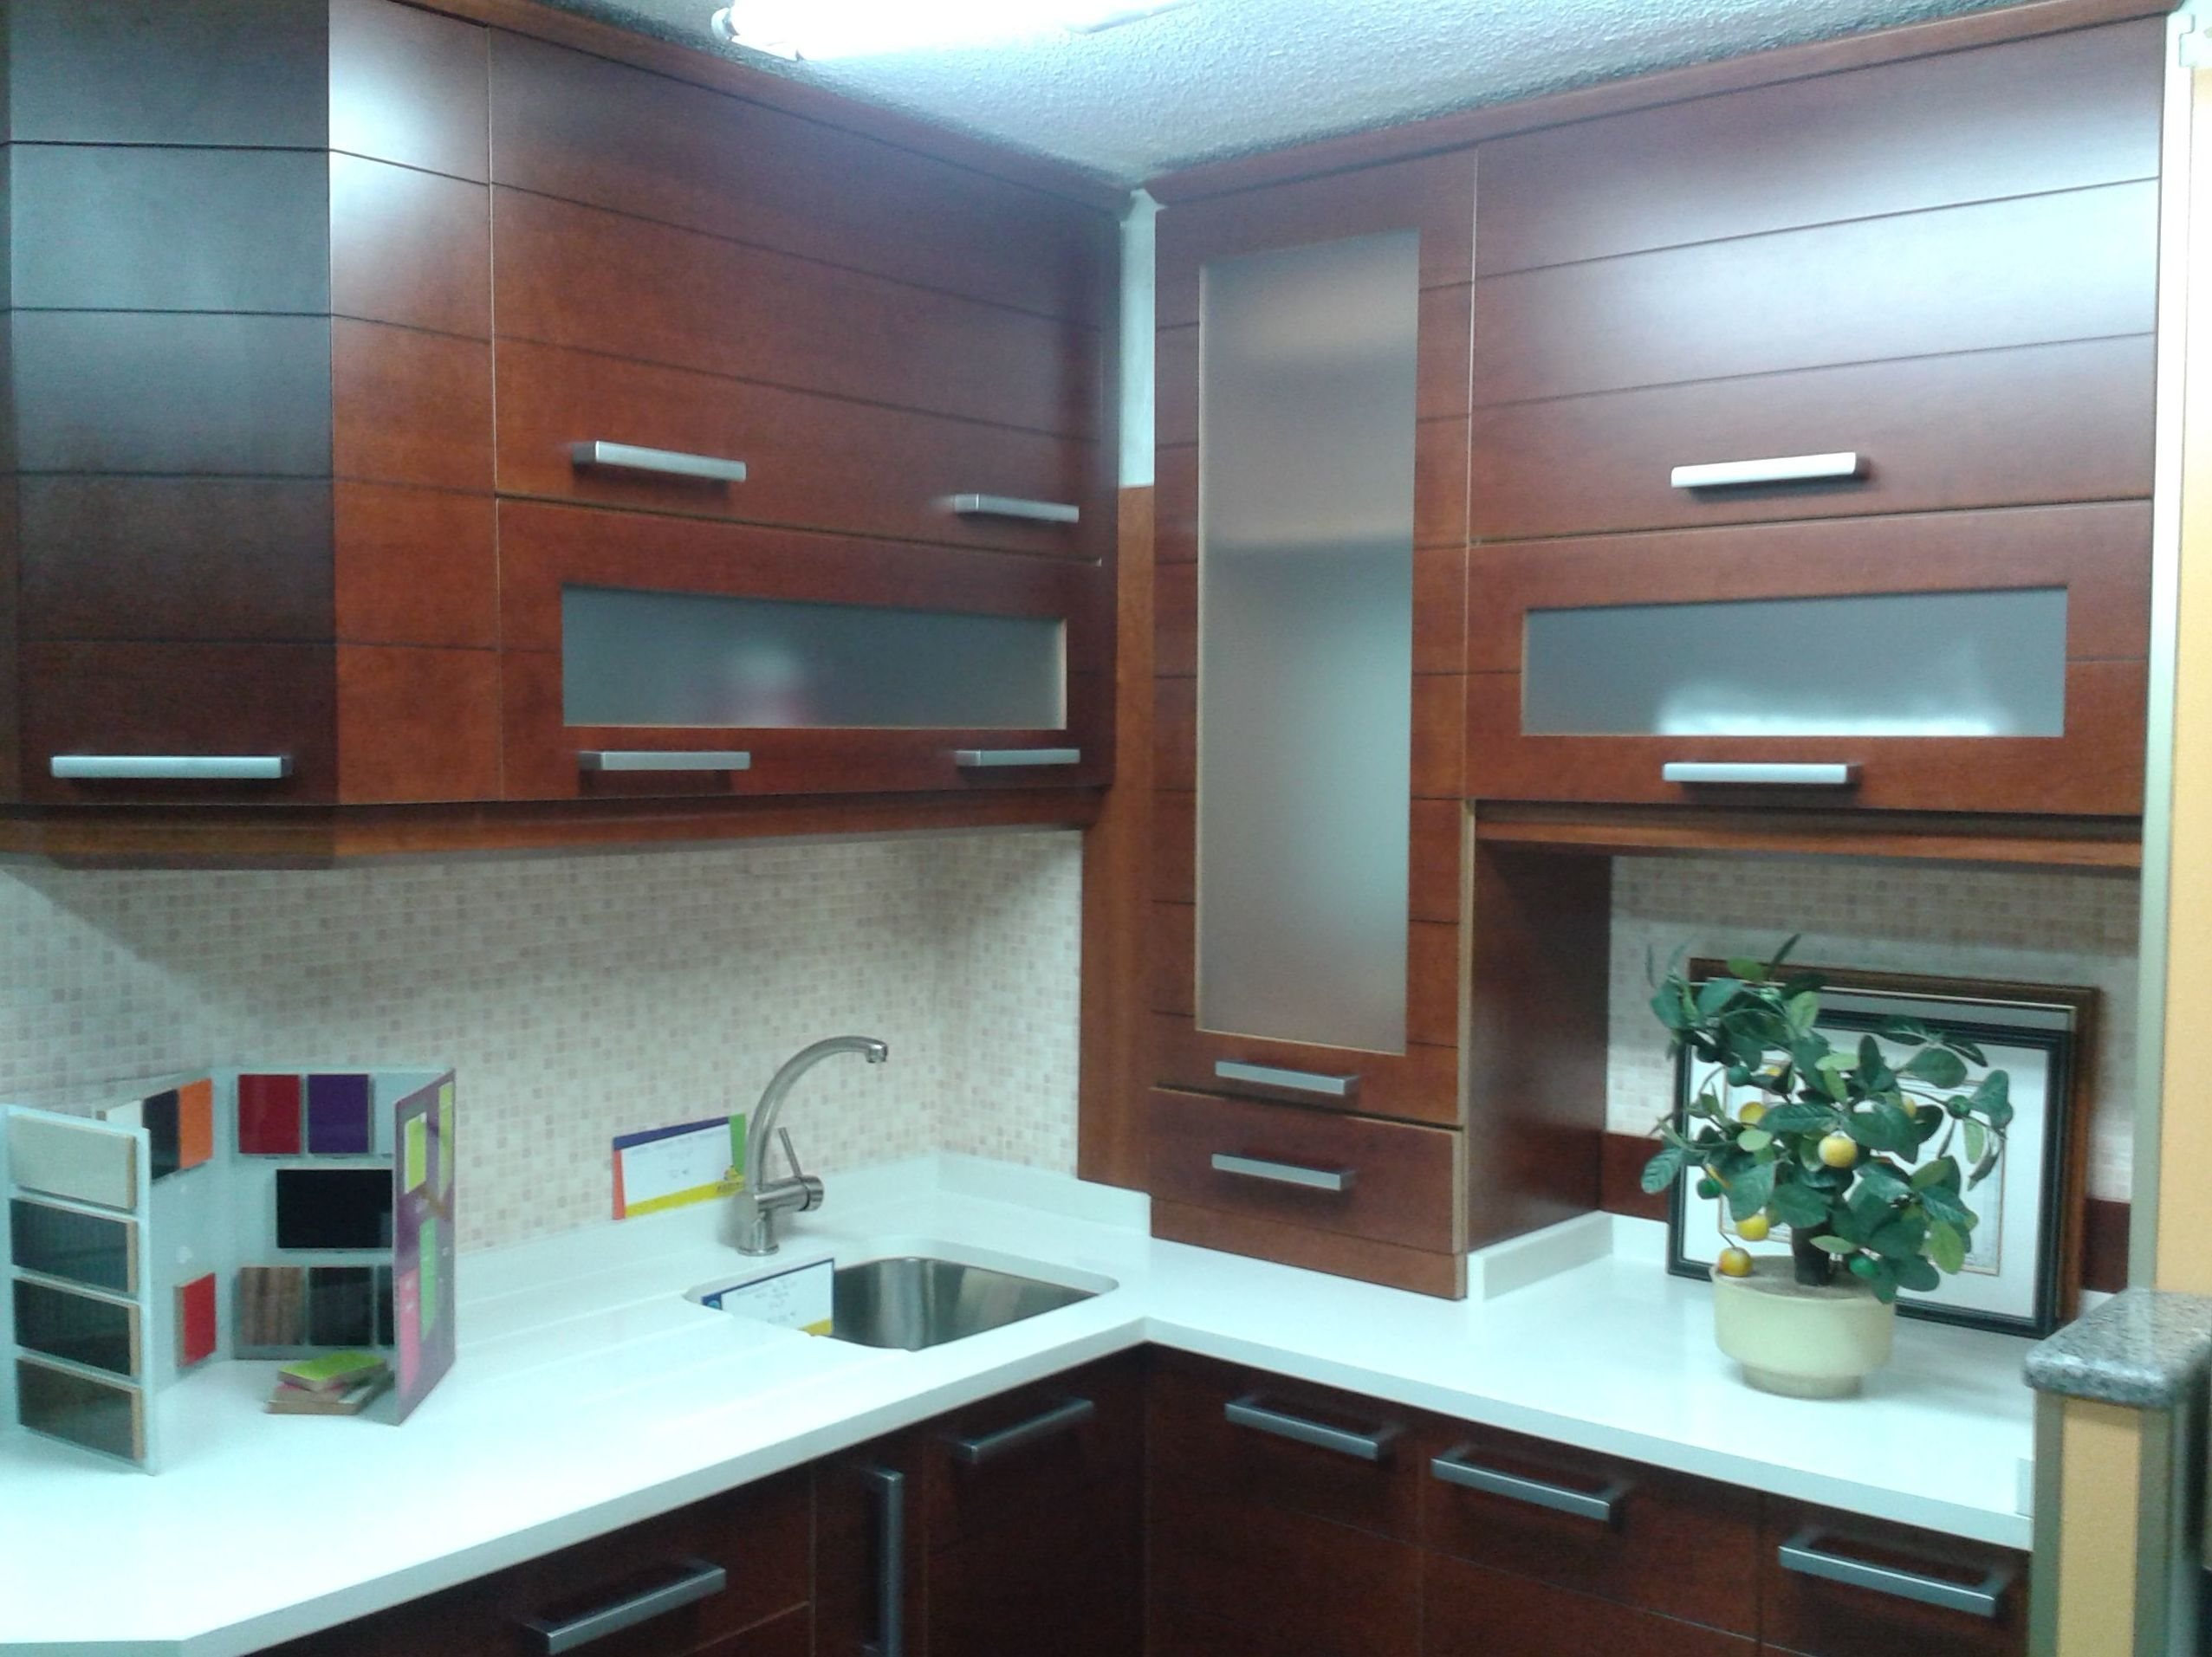 Cocinas remar baratas idea creativa della casa e dell - Remar muebles madrid ...